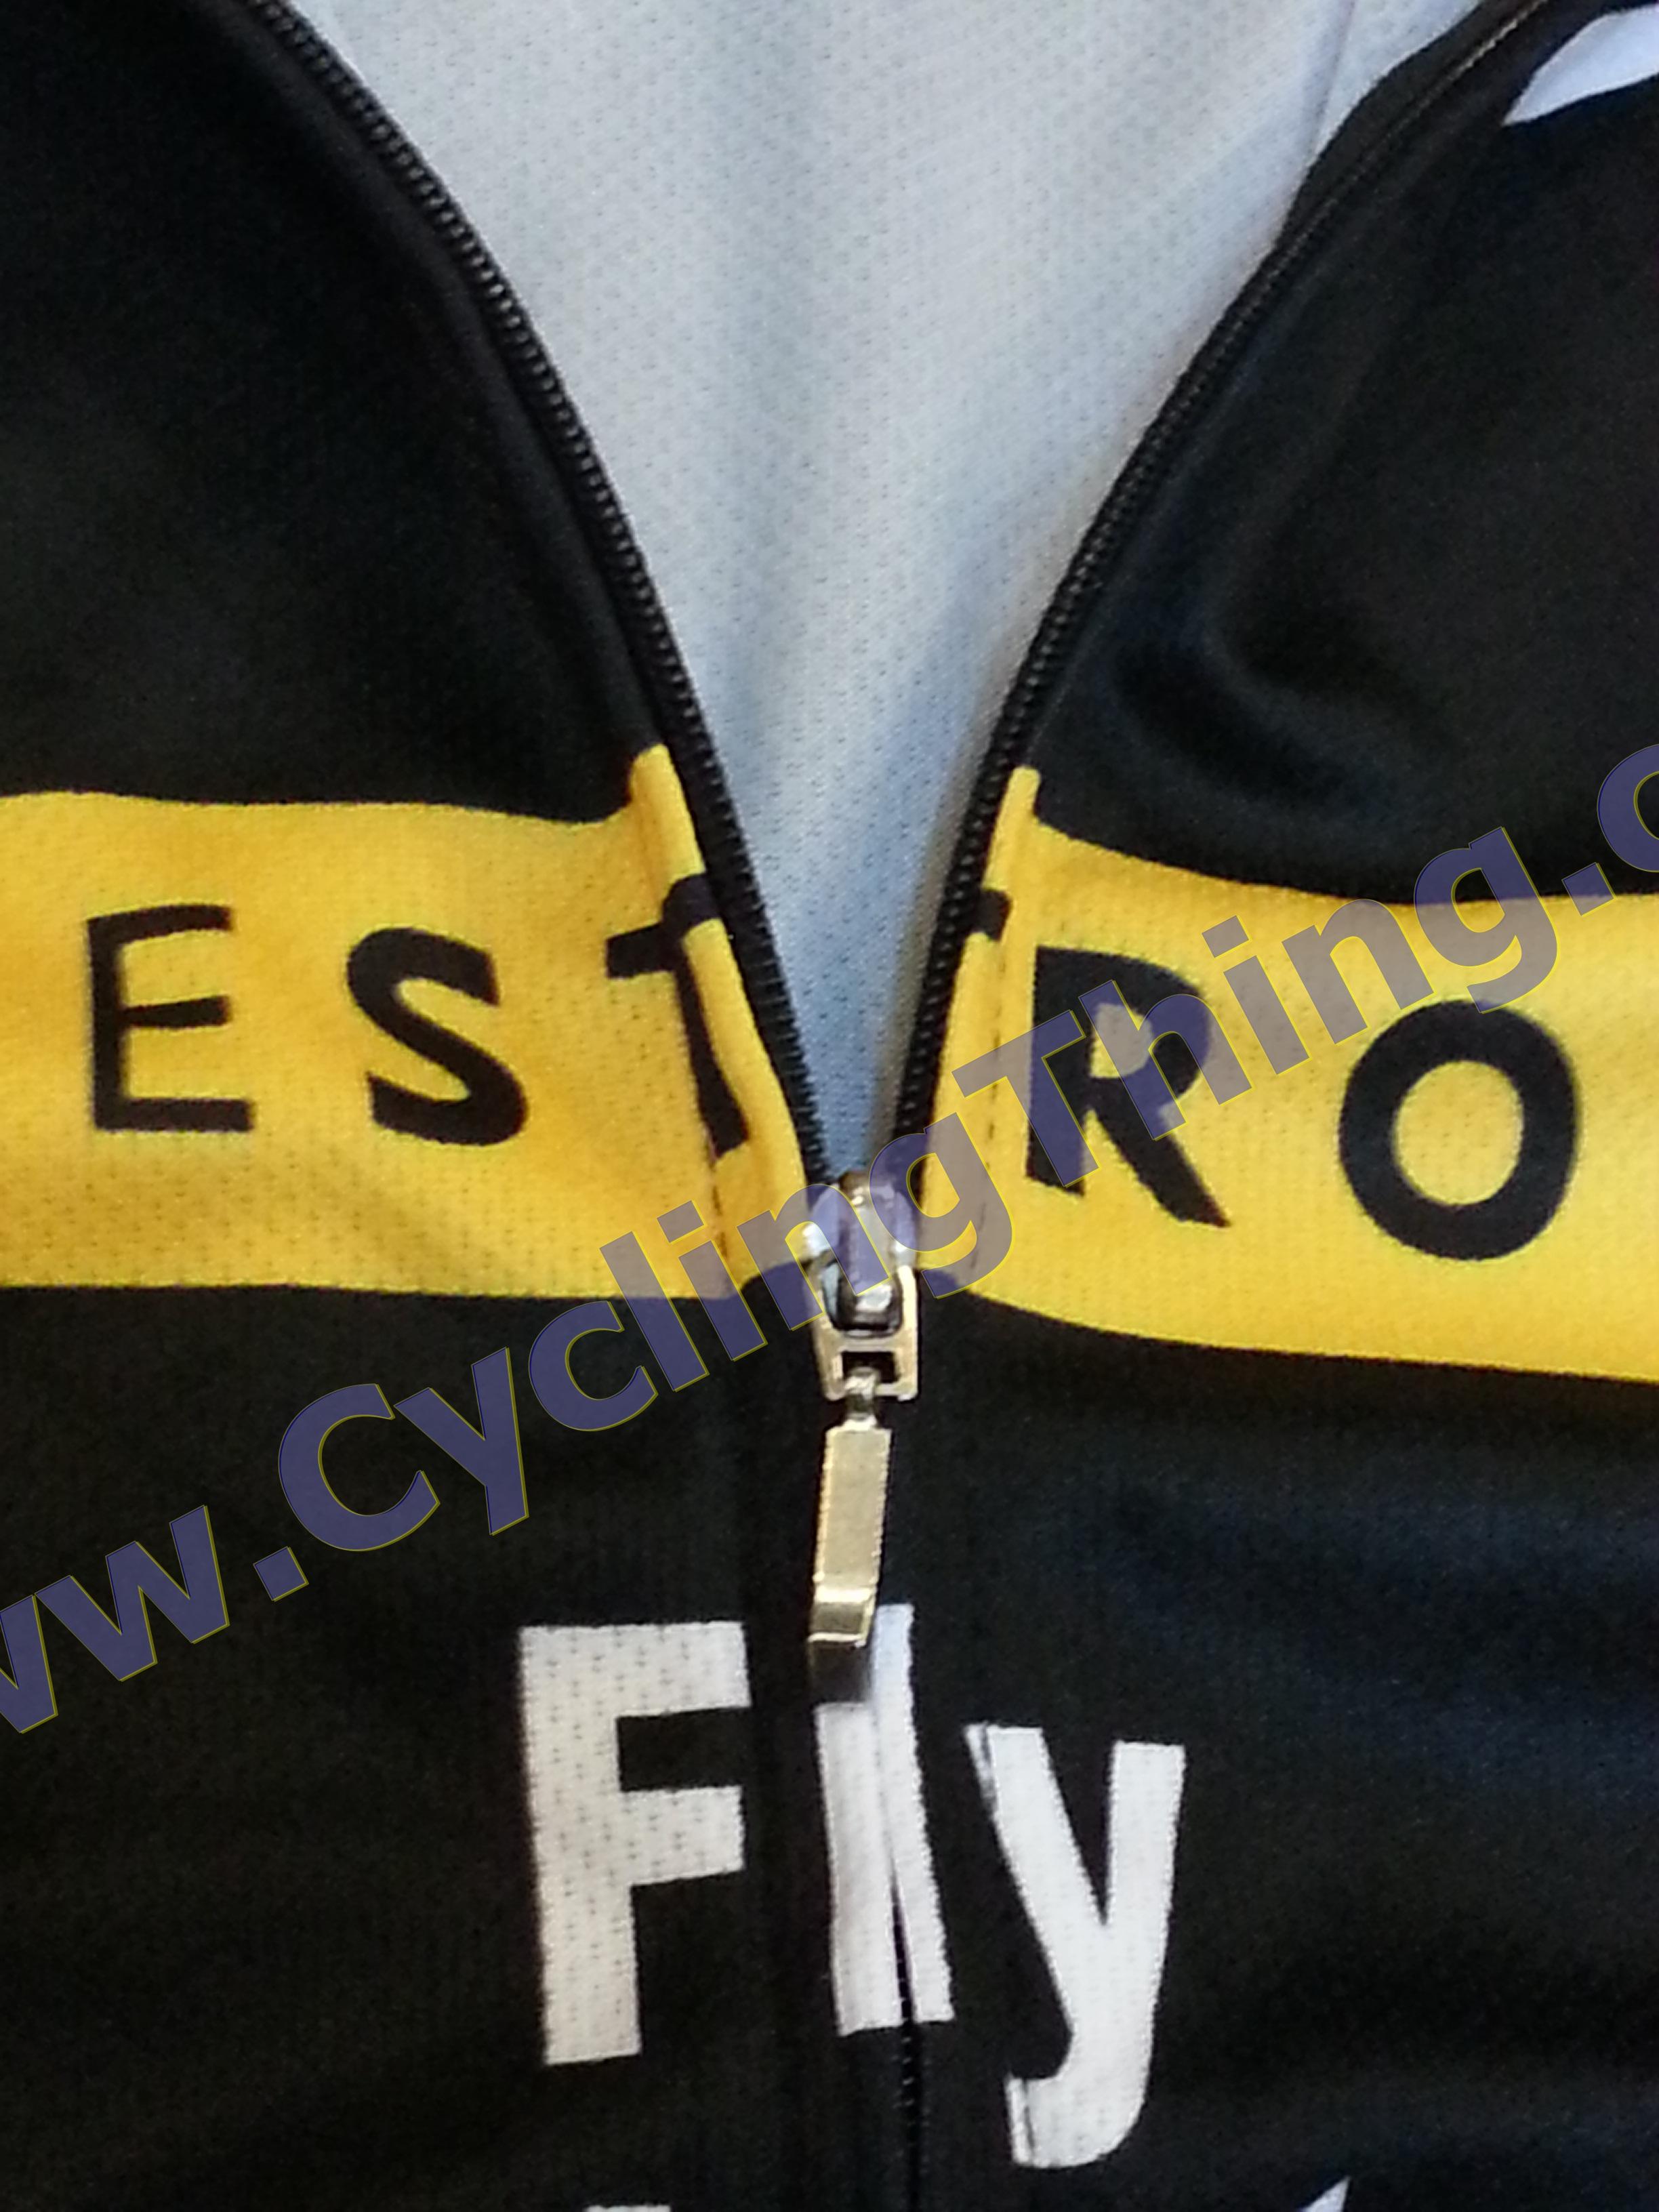 ชุดปั่นจักรยาน ร้านขายชุดปั่นจักรยาน กางเกงปั่นจักรยานเป้าเจล